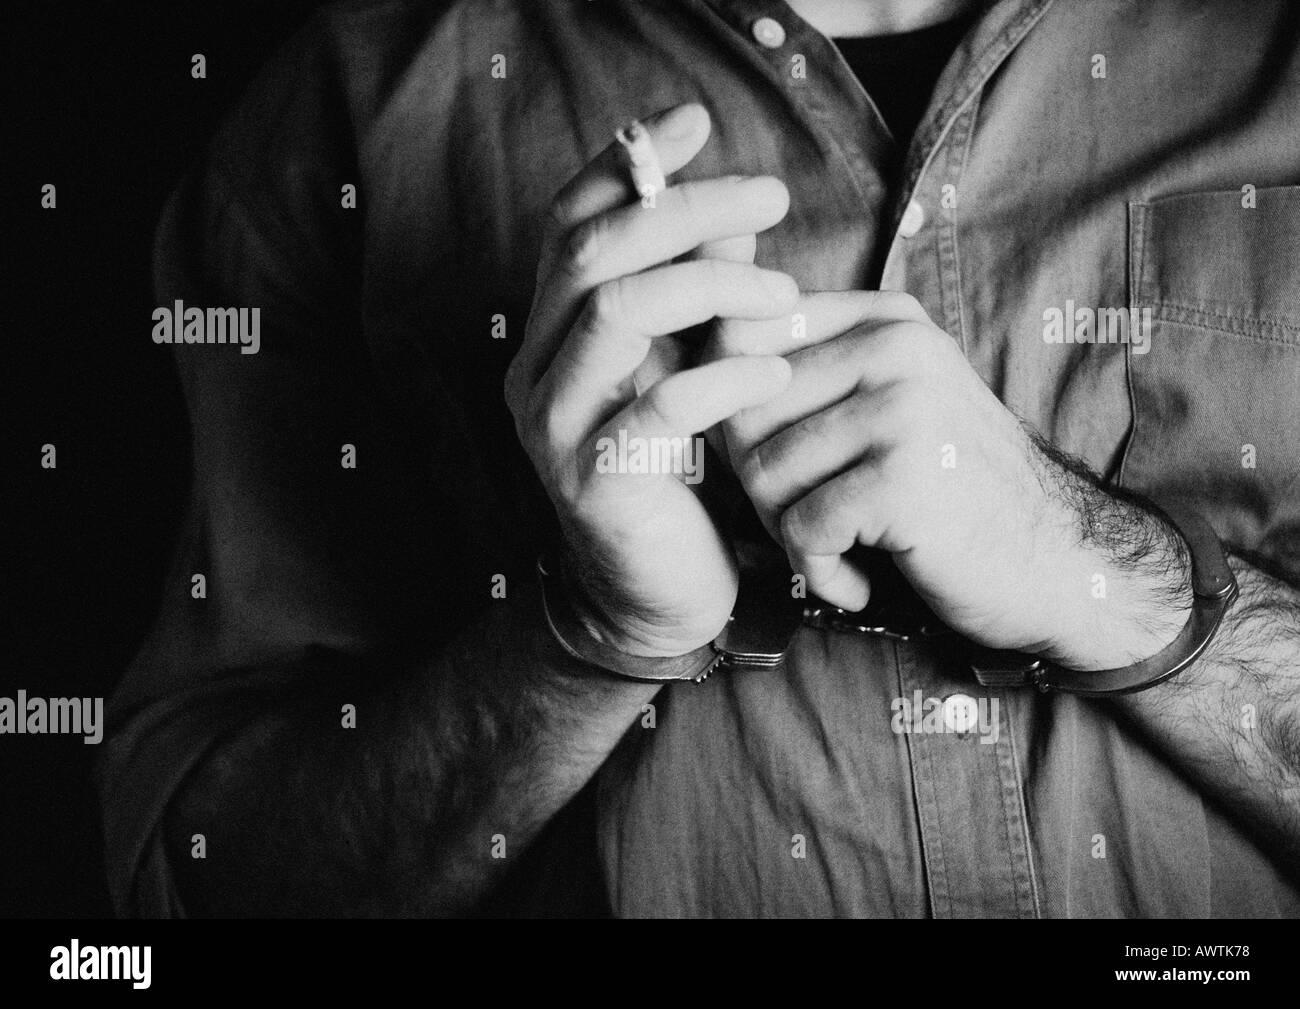 Mann mit Handschellen und Holding Zigarette, Nahaufnahme, b&w Stockbild